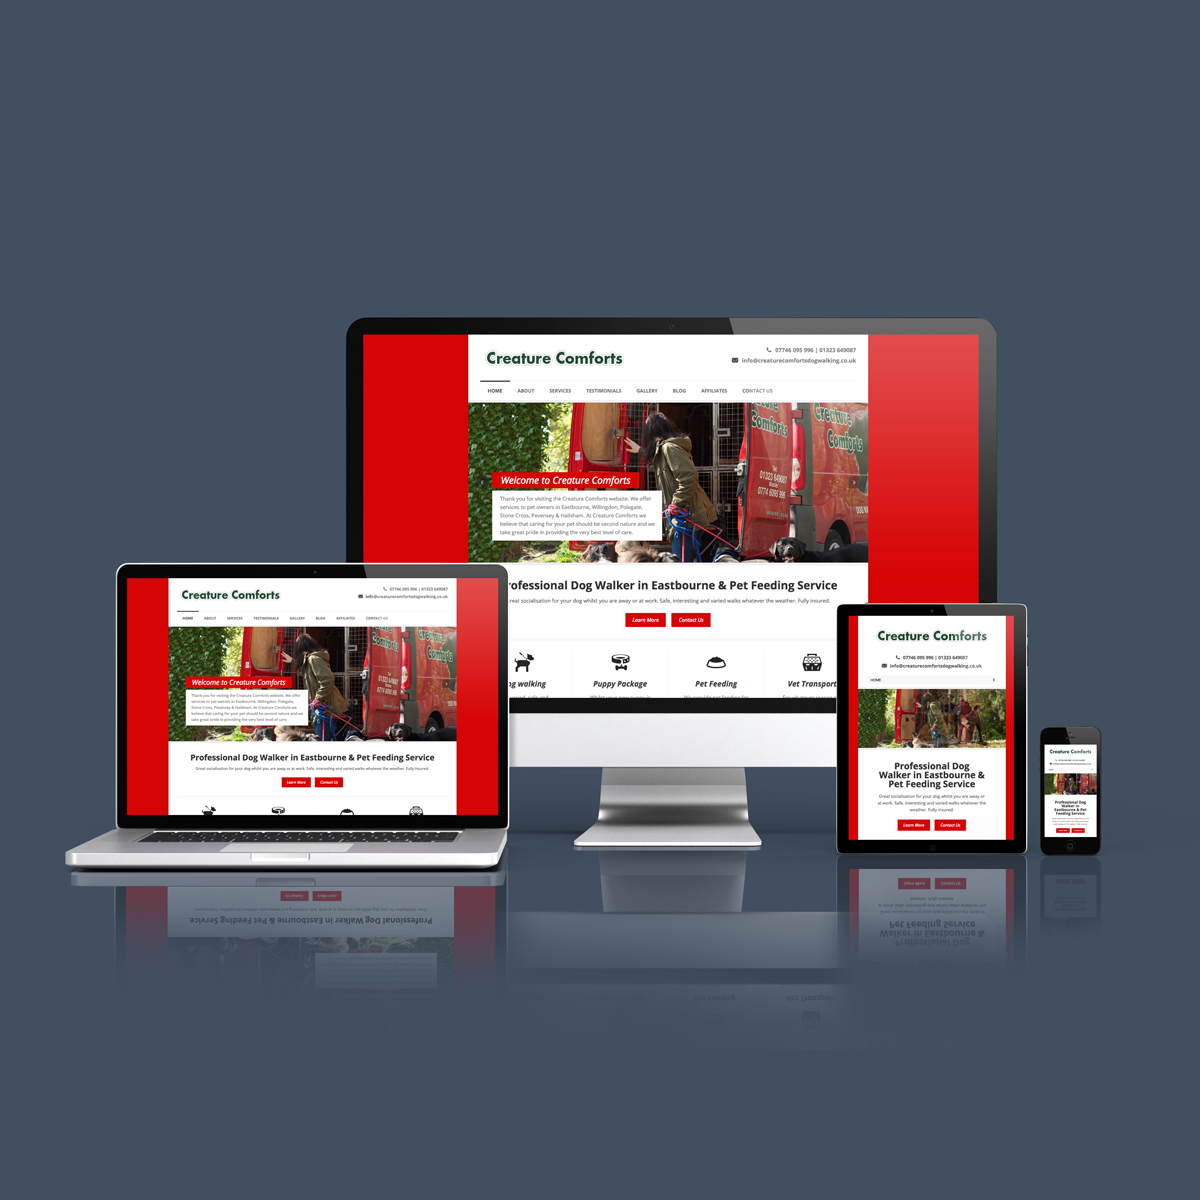 creature-comforts-website